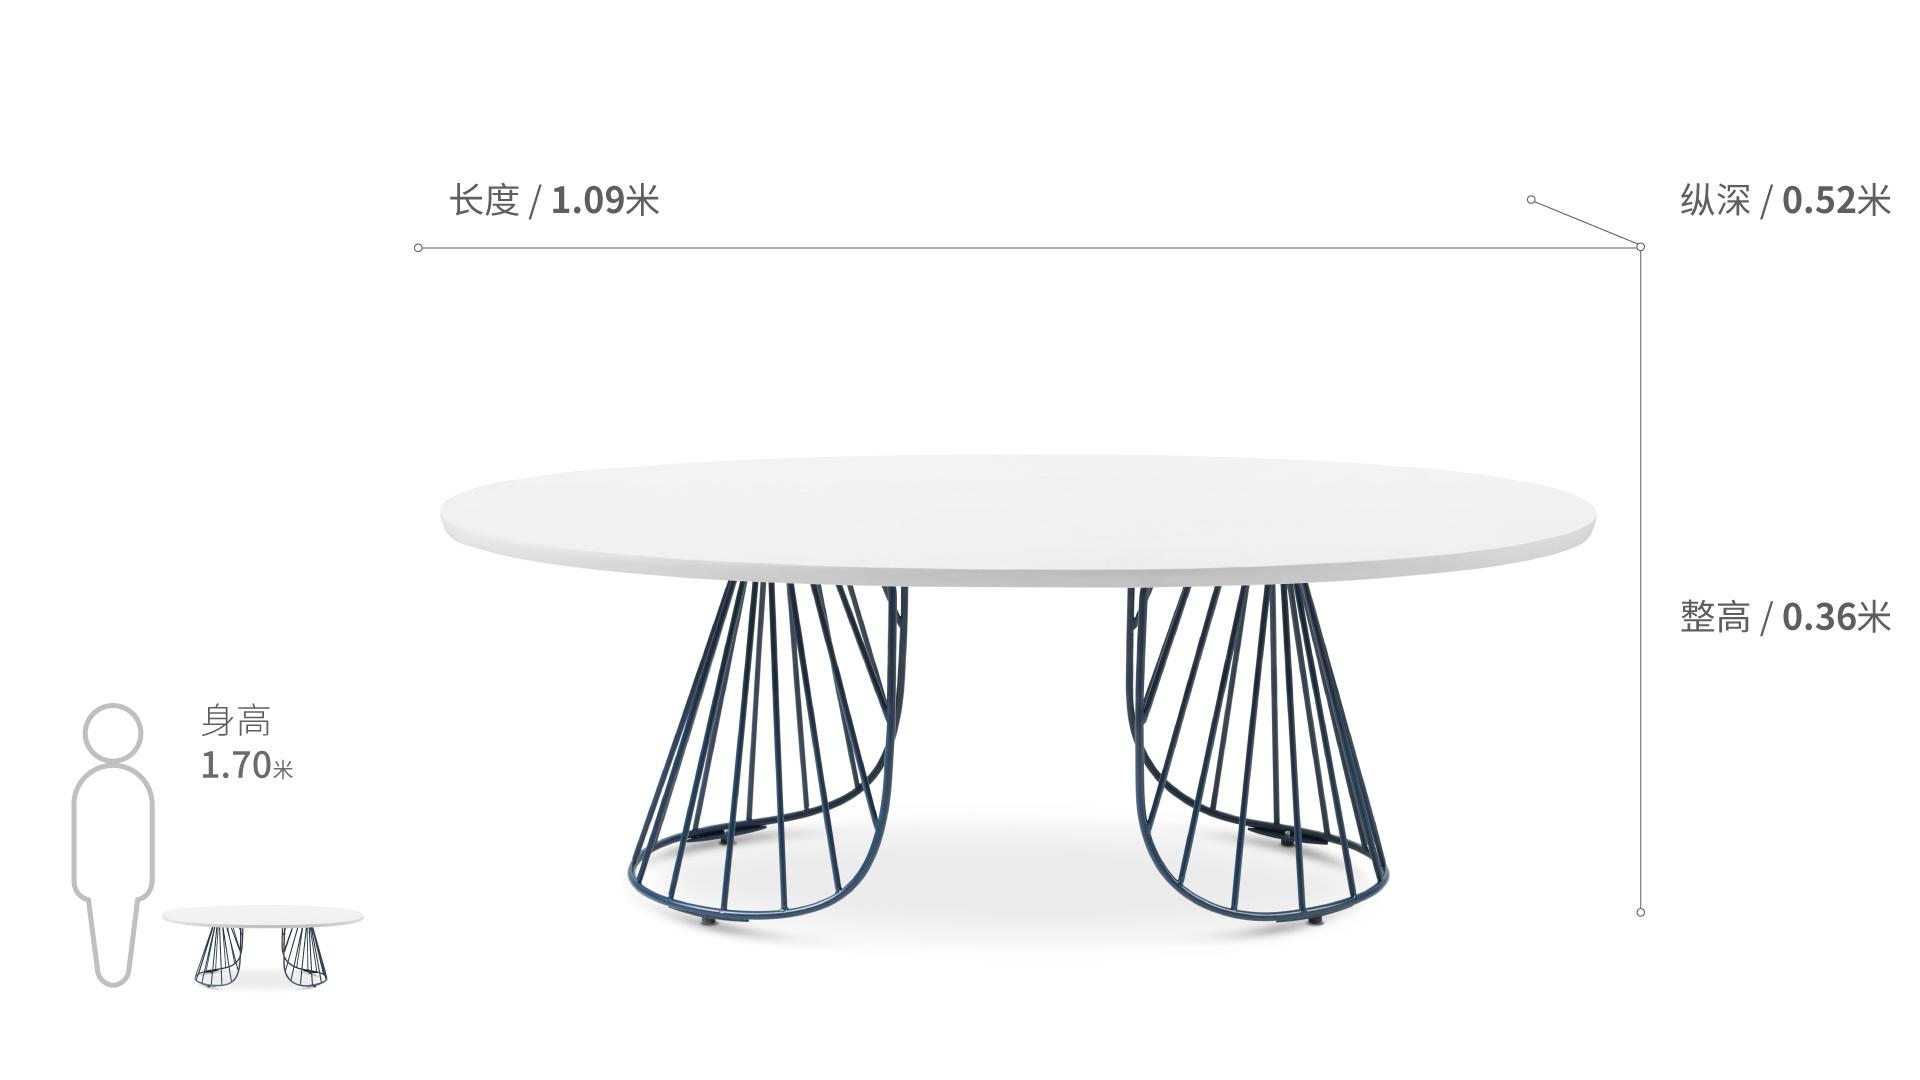 造作蝴蝶茶几™单层桌几效果图